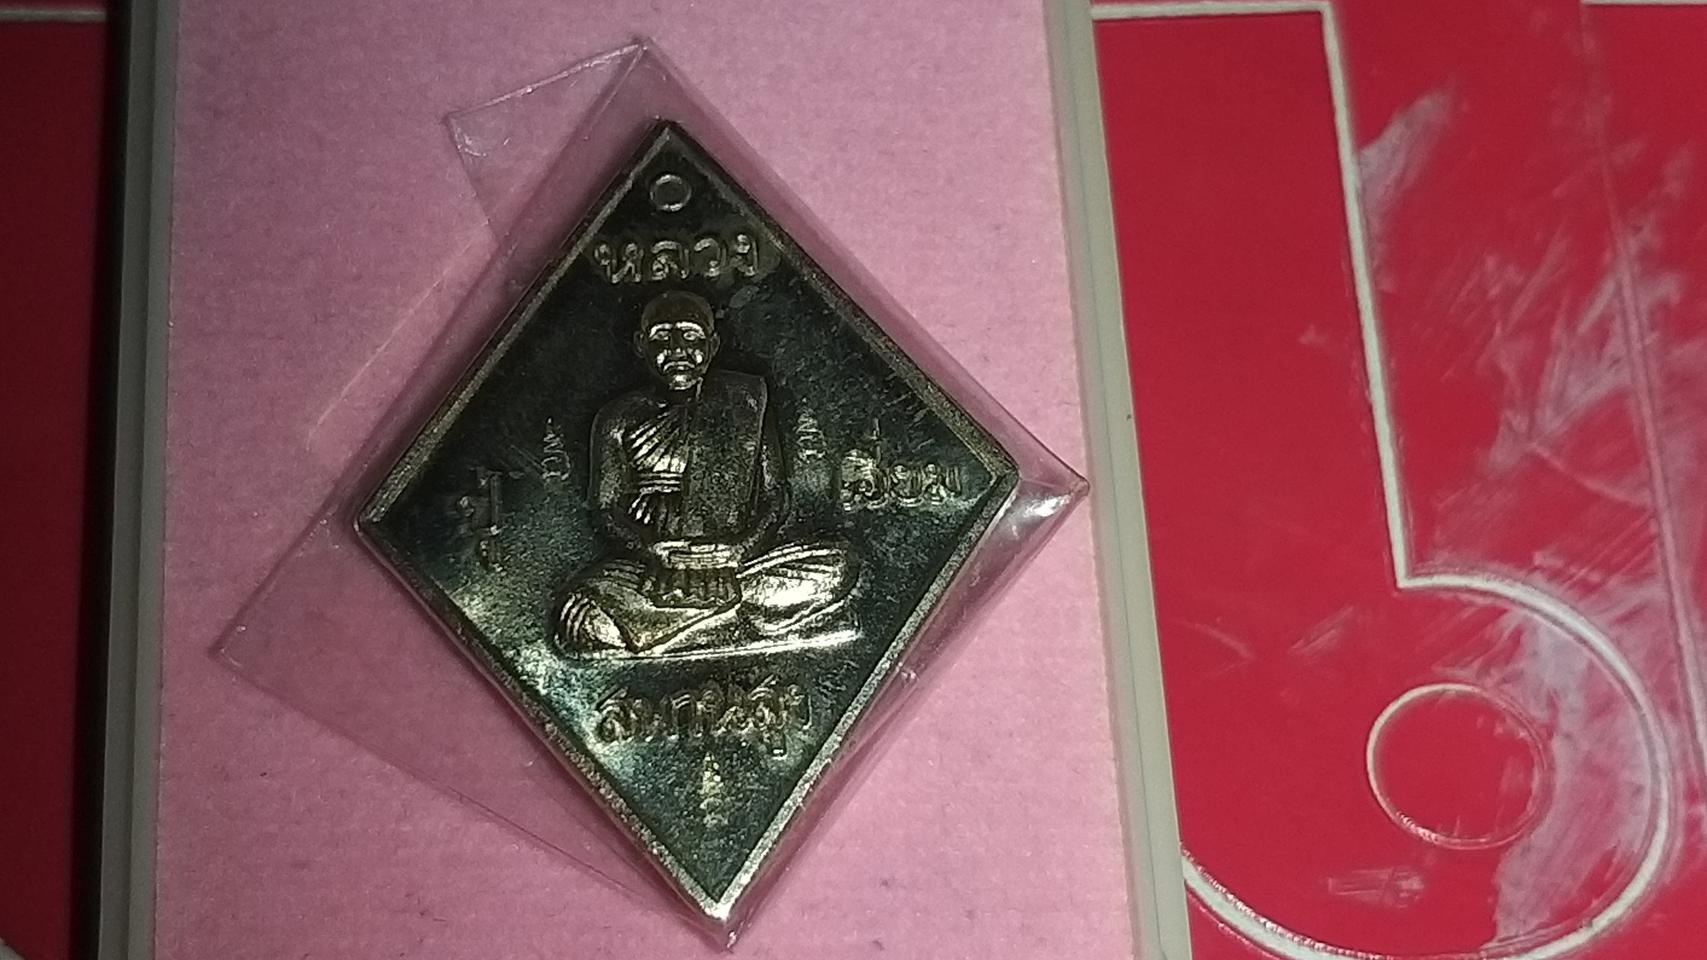 เหรียญข้าวหลามตัด หลวงปู่เอี่ยม หลวงพ่อรวย วัดตะโก รูปที่ 3